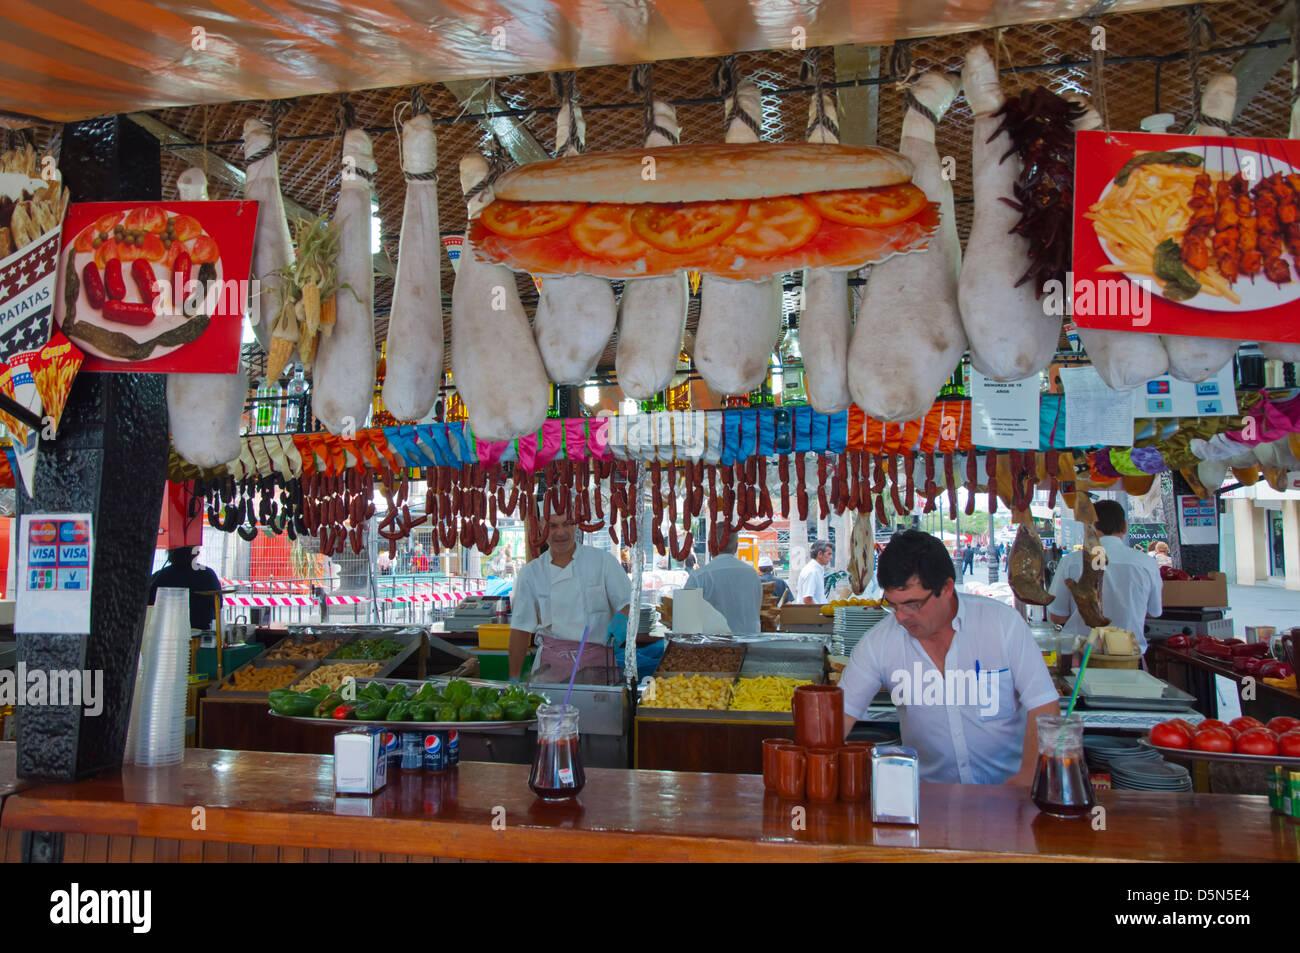 Garküche am Plaza De La Candelaria quadratischen zentralen Santa Cruz Stadtinsel Teneriffa Kanarische Inseln Stockbild